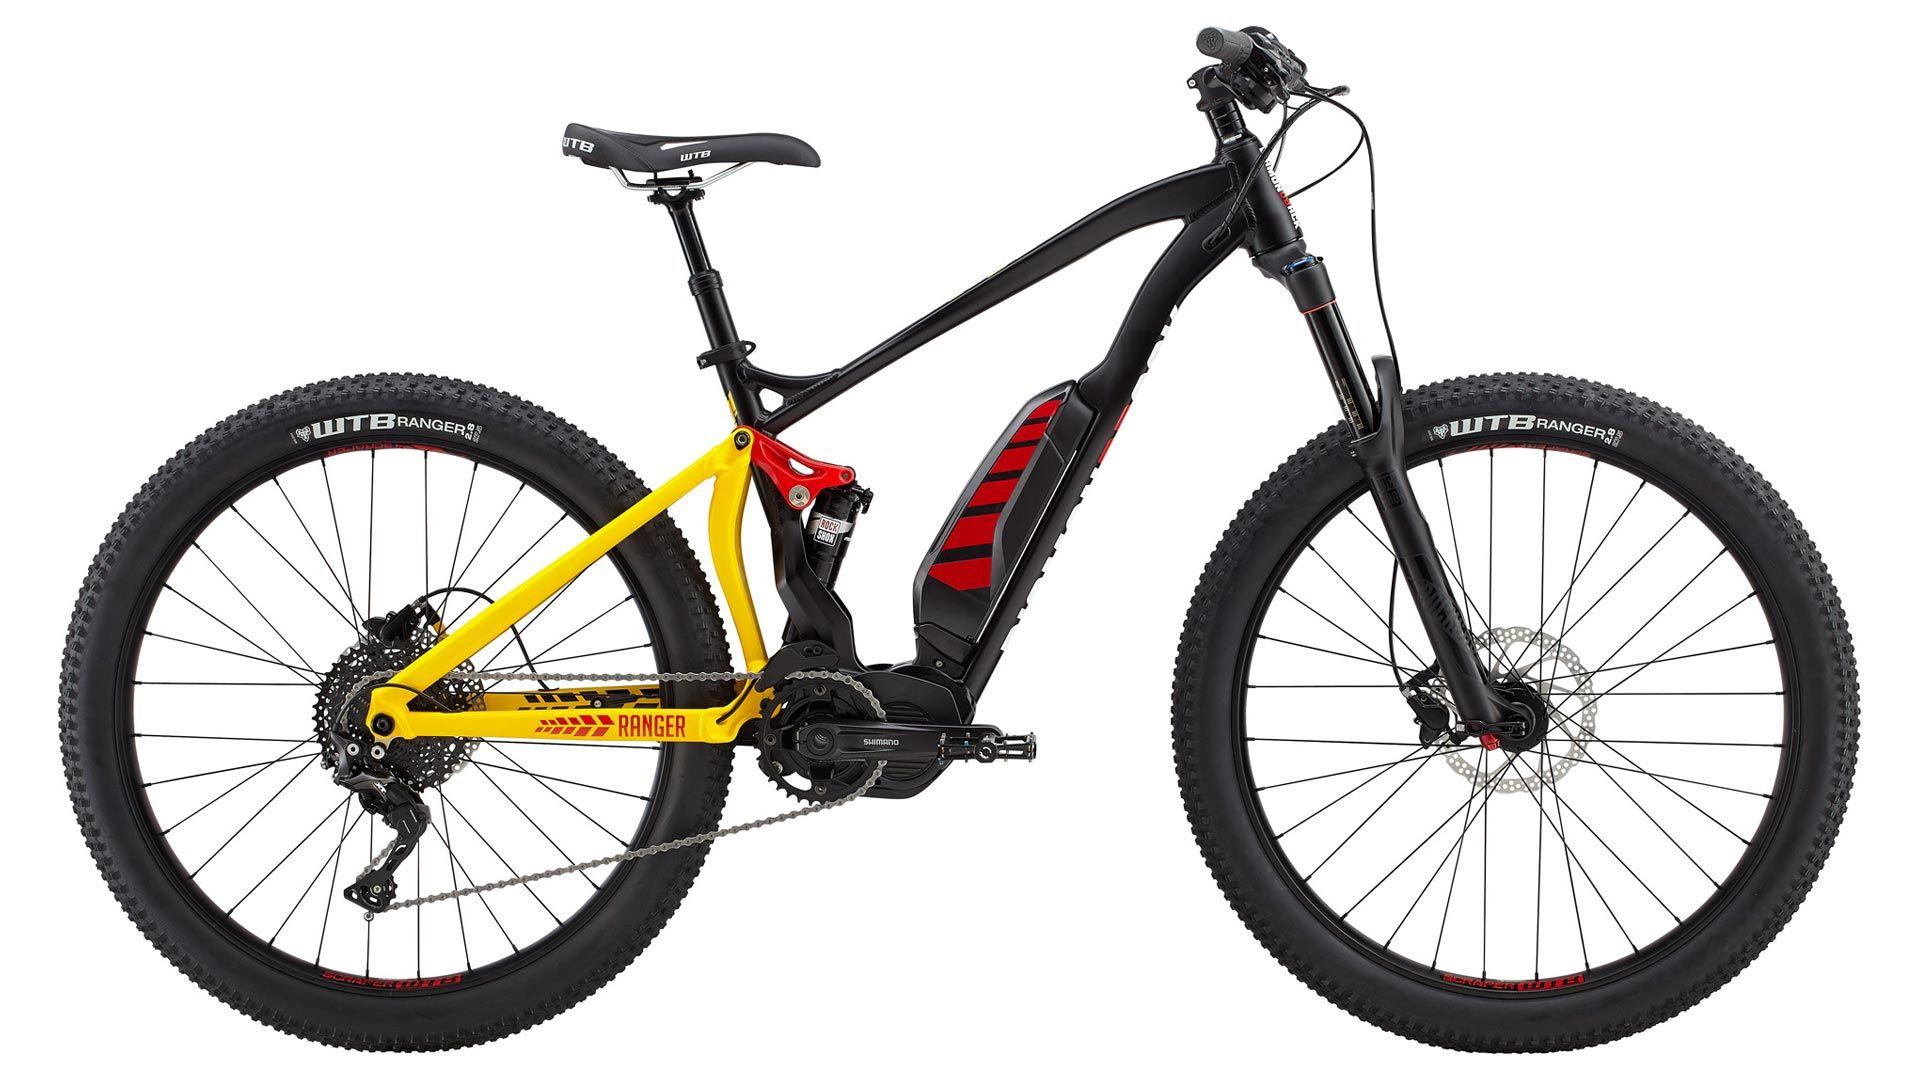 Diamondback Ranger 3.0 2018 Electric Mountain Bike Black